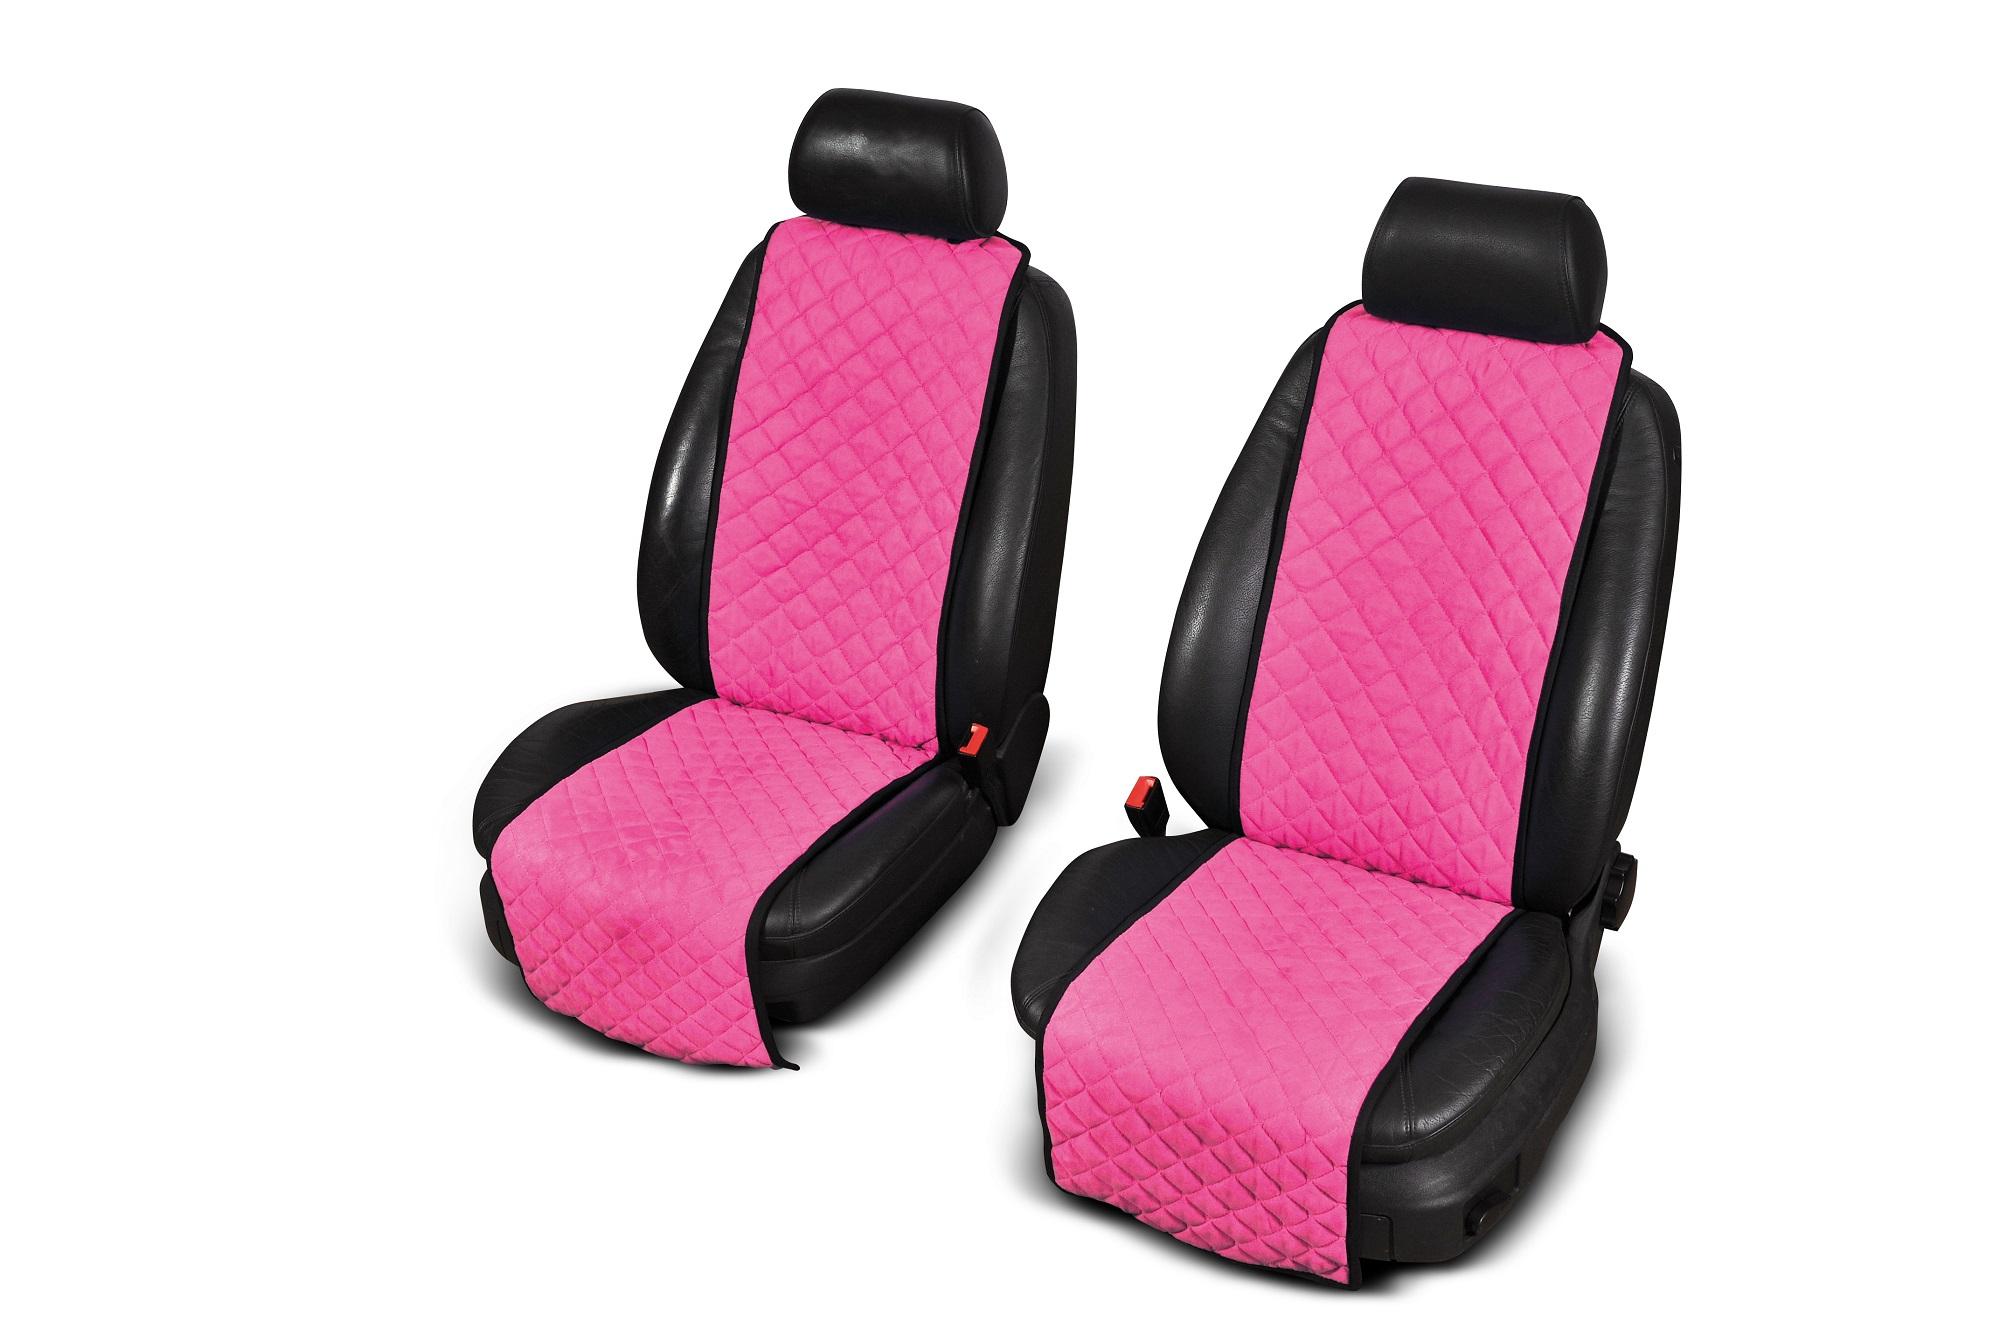 Autopotahy Cantra - Standardní. 2x autopotahy na přední sedadla Barva: Tmavě hnědá